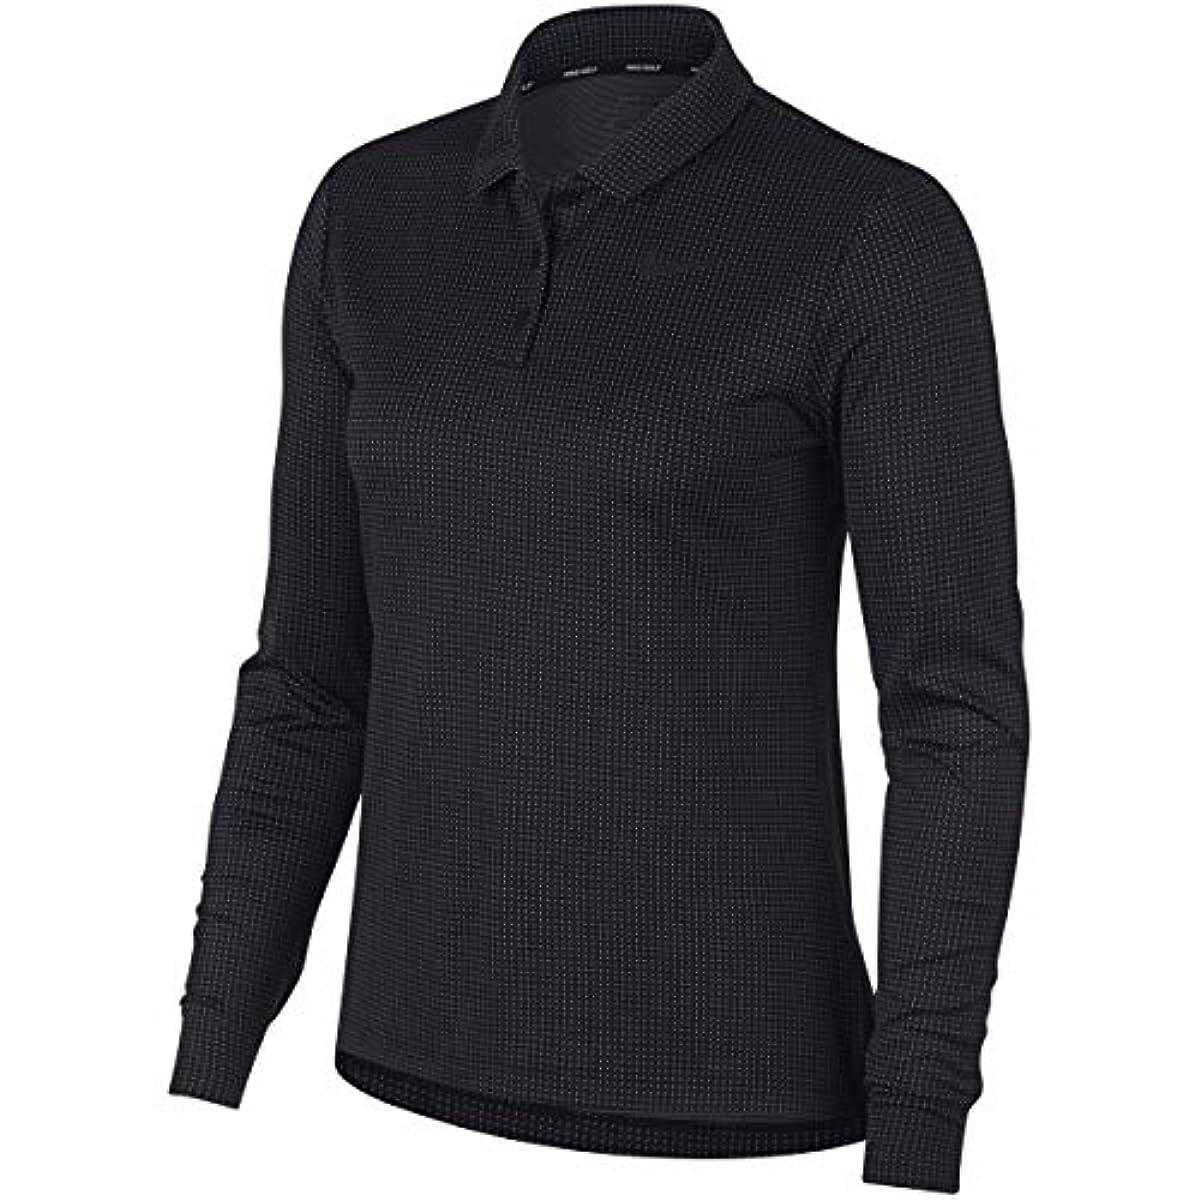 [해외] 나이키 NIKE 긴 소매 셔츠・폴로 셔츠 DRI-FIT 코어 긴 소매 폴로 셔츠 레이디스